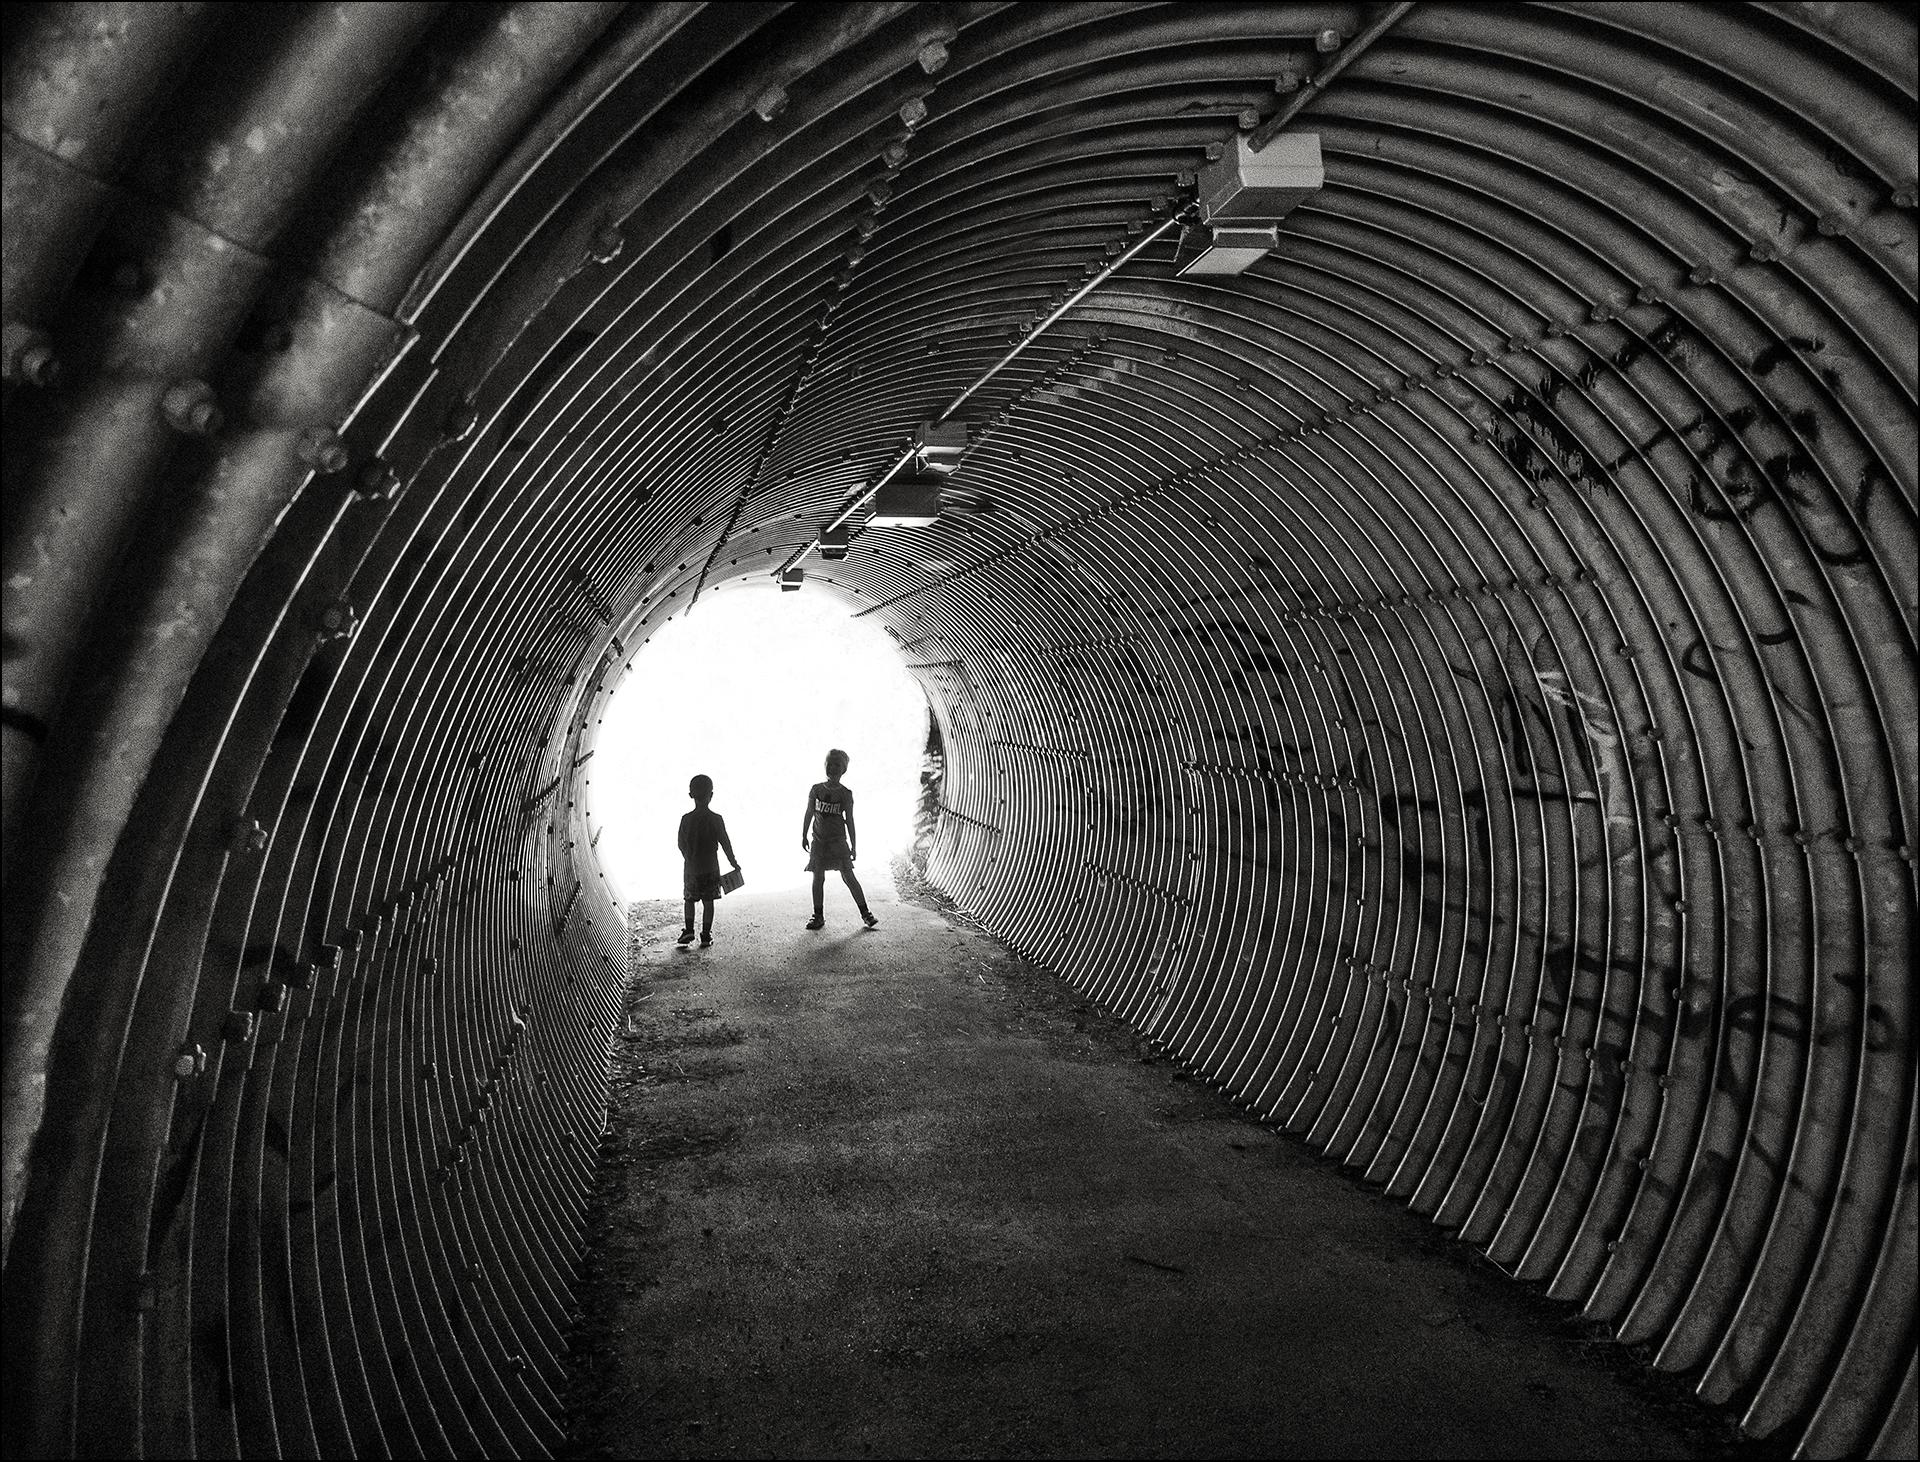 P7100013 frida max tunell askim